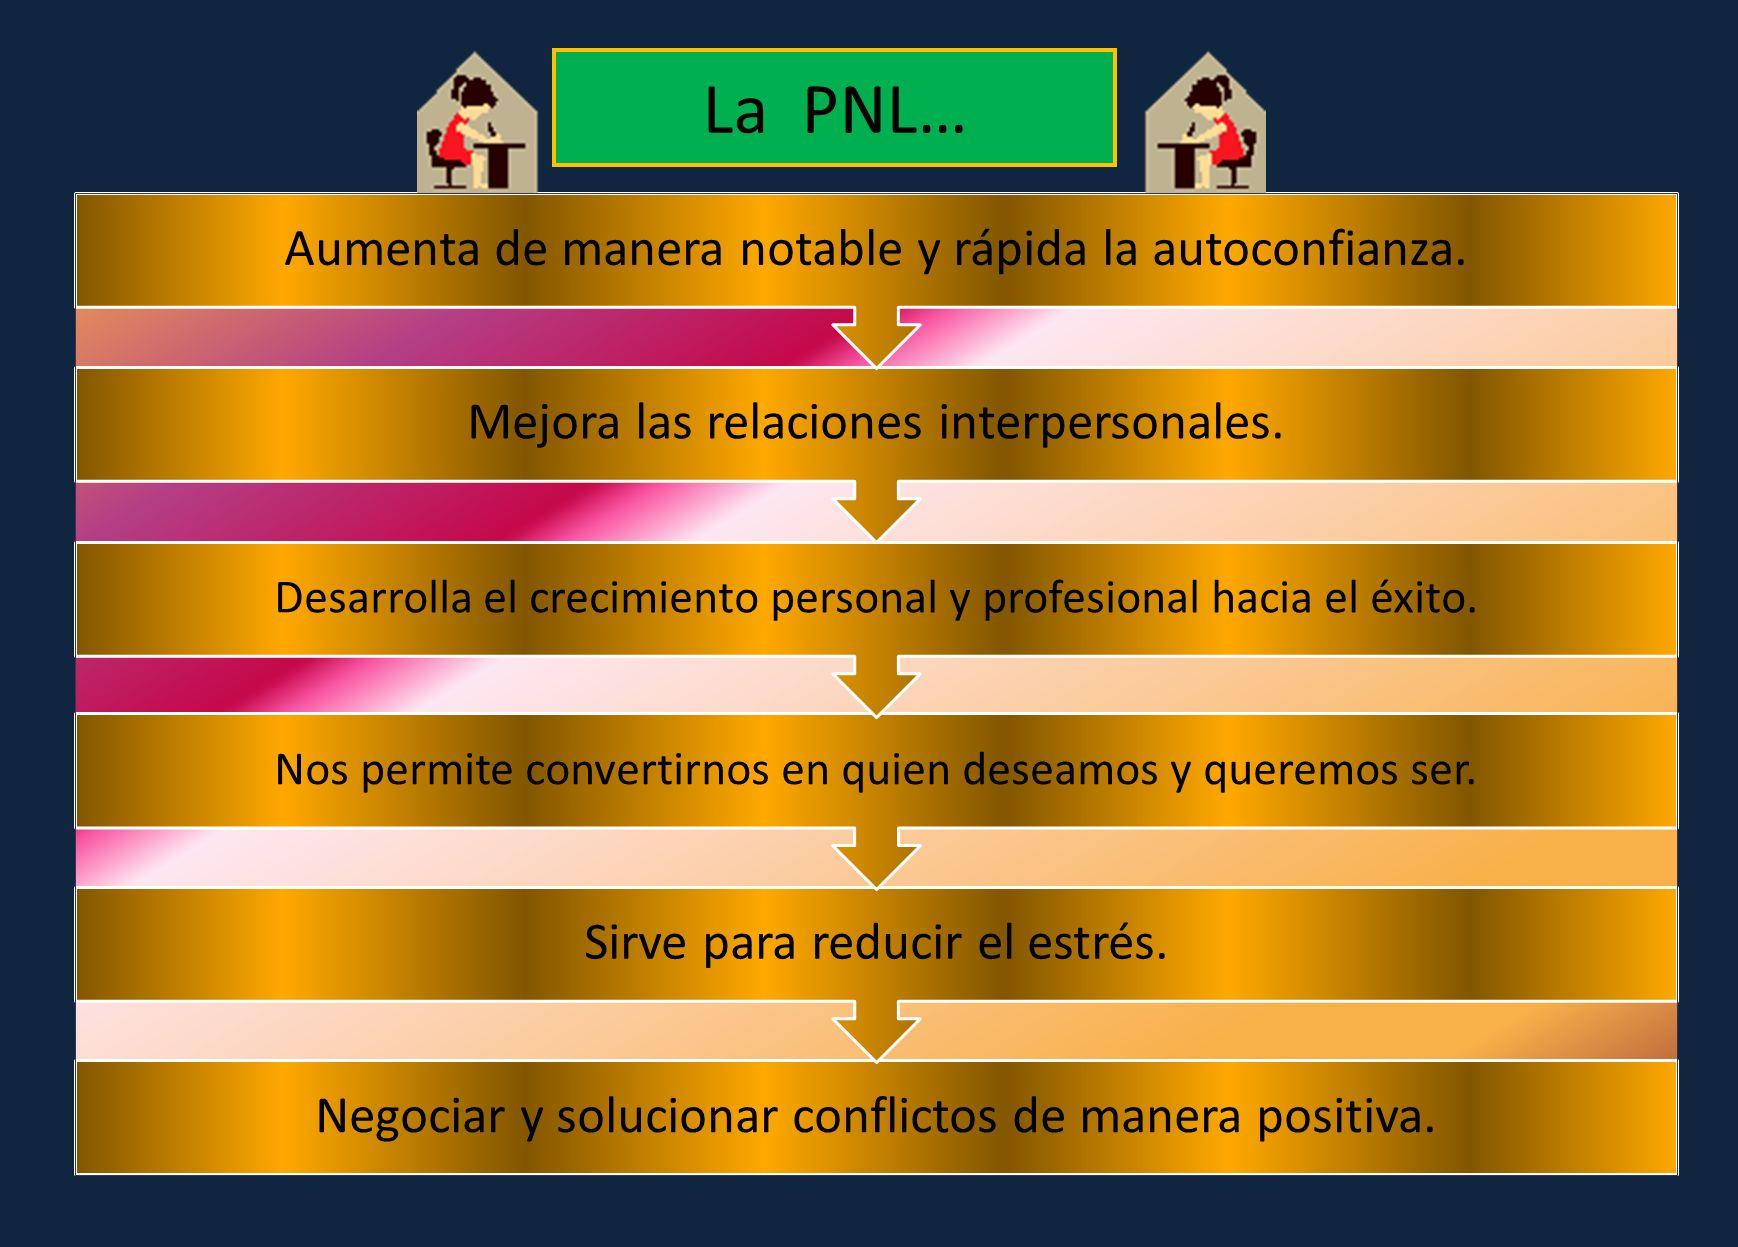 La PNL… Aumenta de manera notable y rápida la autoconfianza.